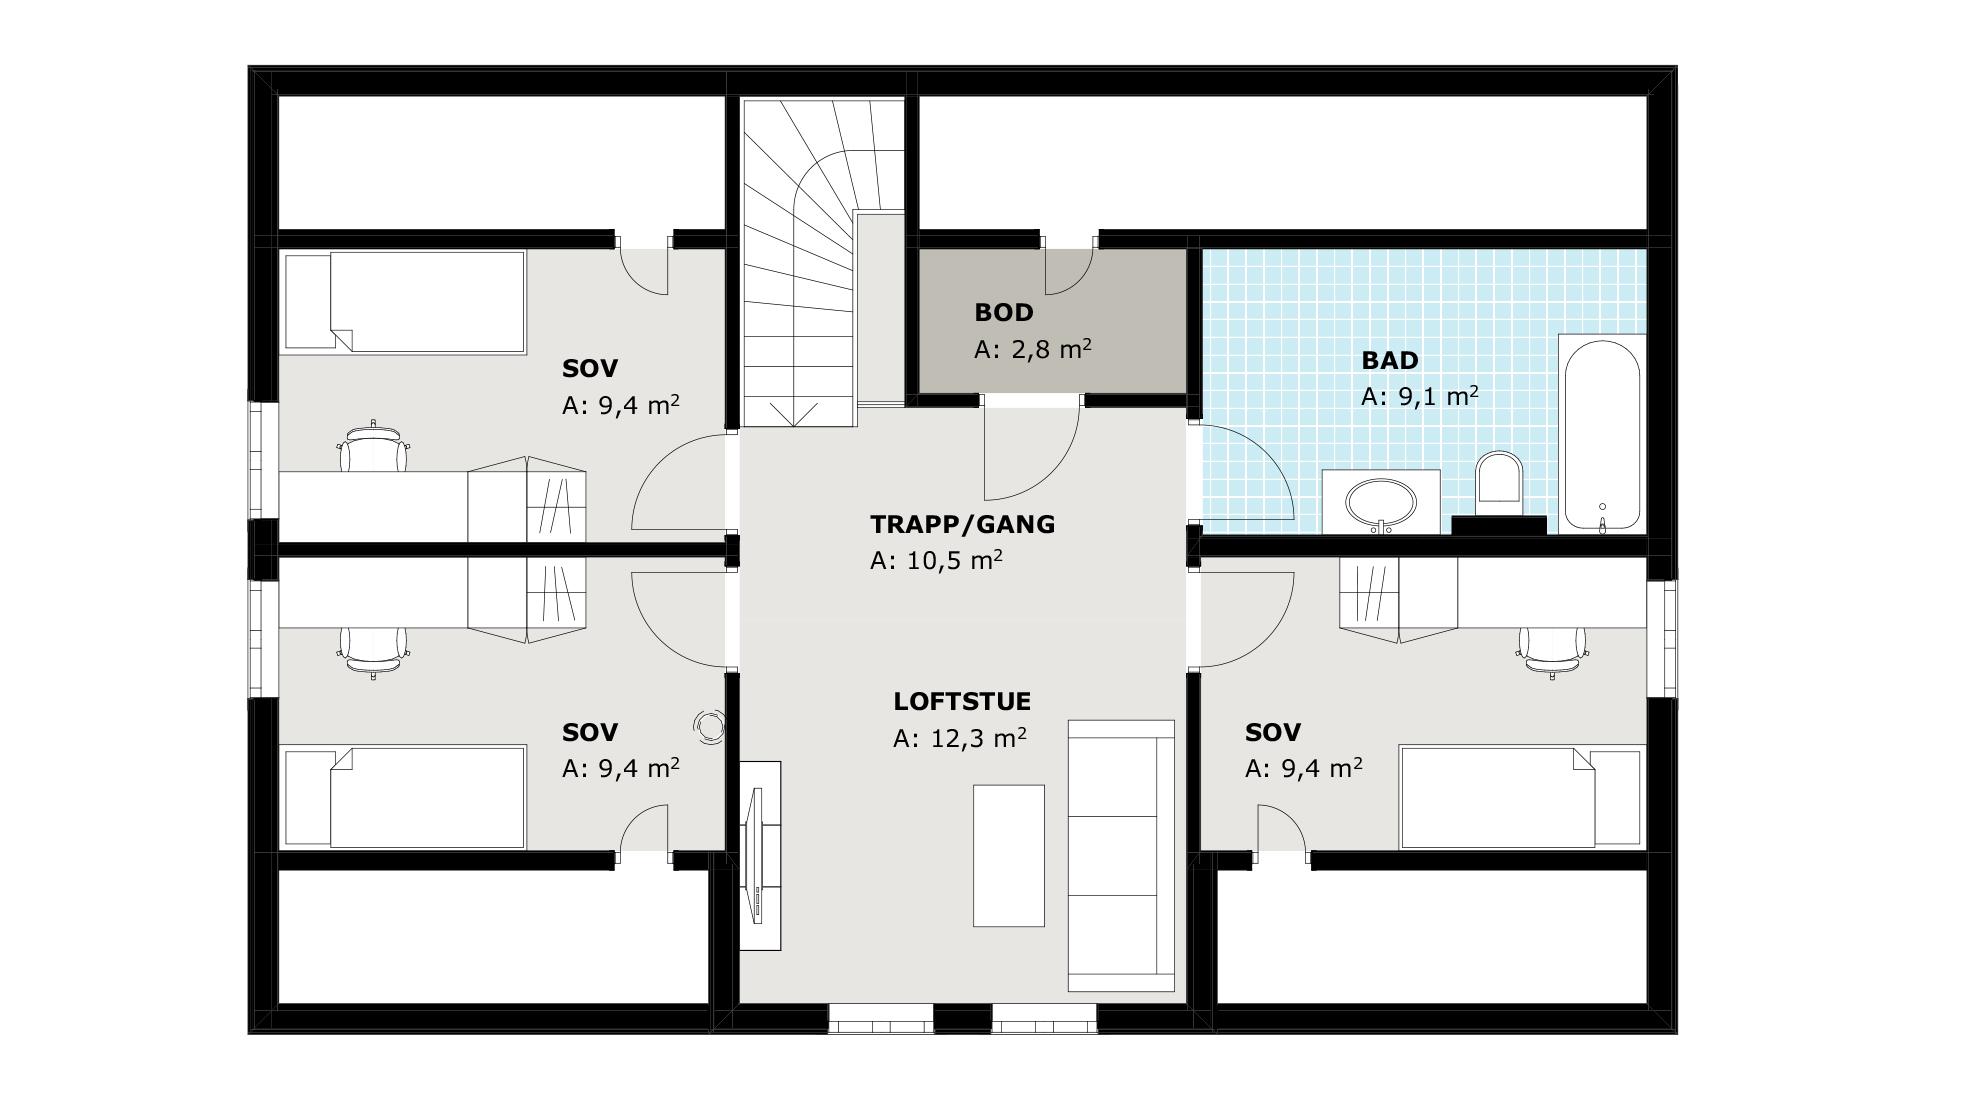 andre etasje Vika, med loftstue og tre soverom pluss eget bad.